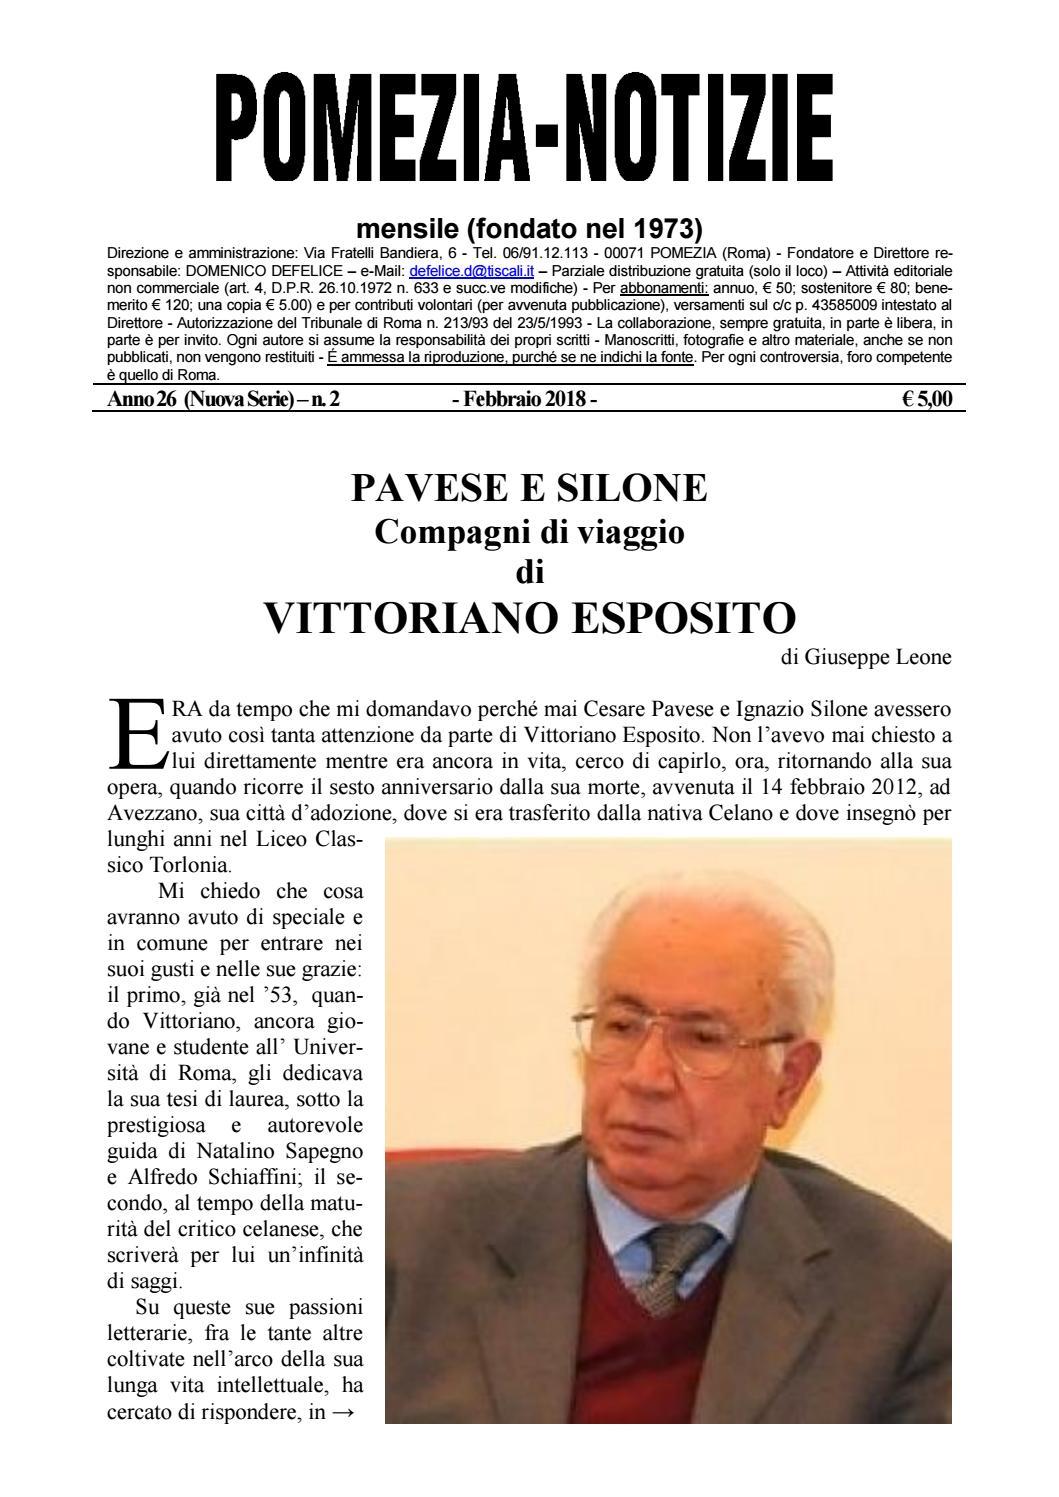 89a54468829 Pomezia Notizie 2018 2 by Domenico - issuu